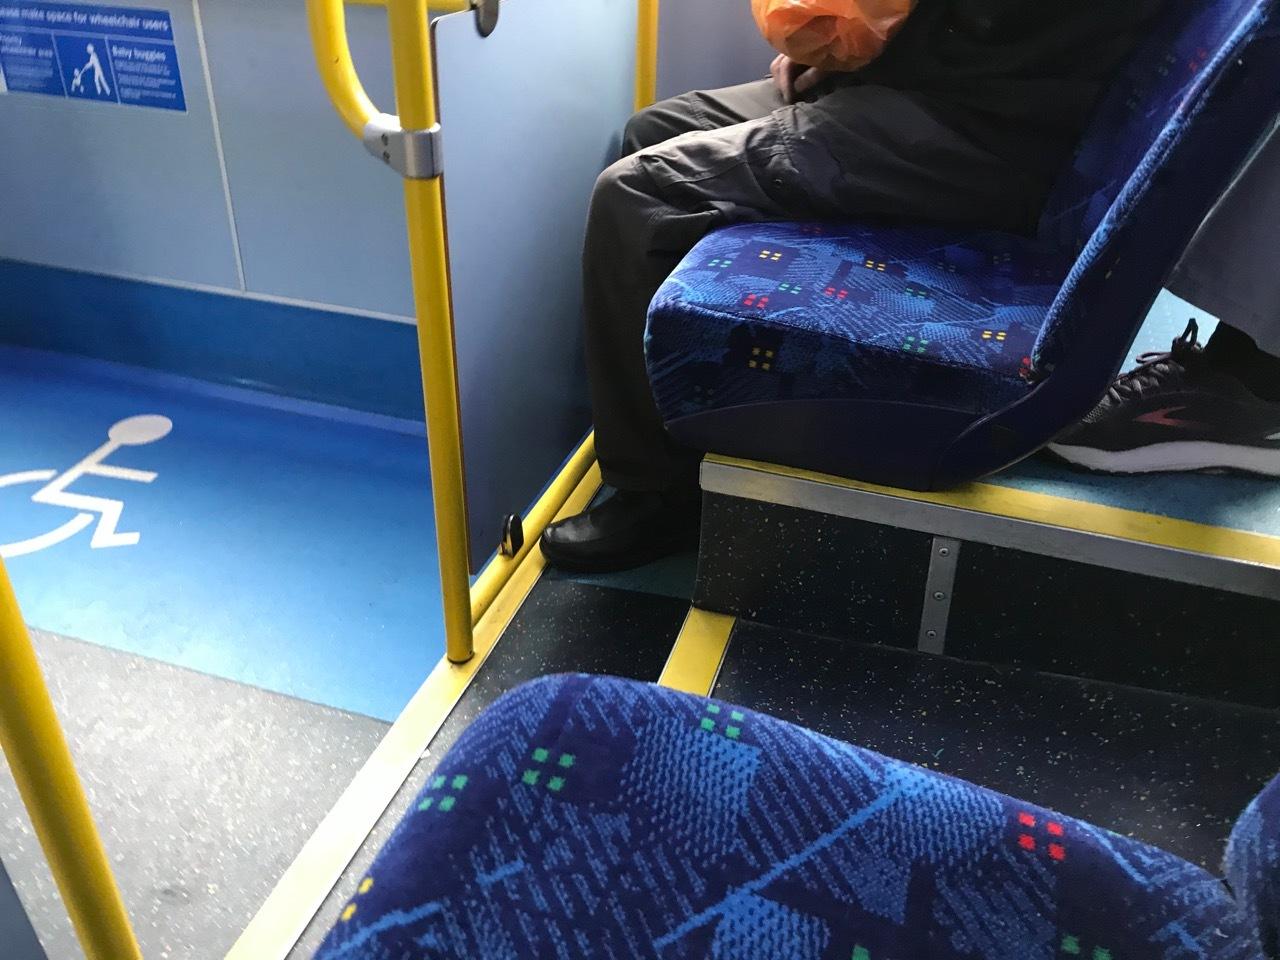 4ヶ月ぶりに乗ったバス、電車、地下鉄_e0114020_19205401.jpg